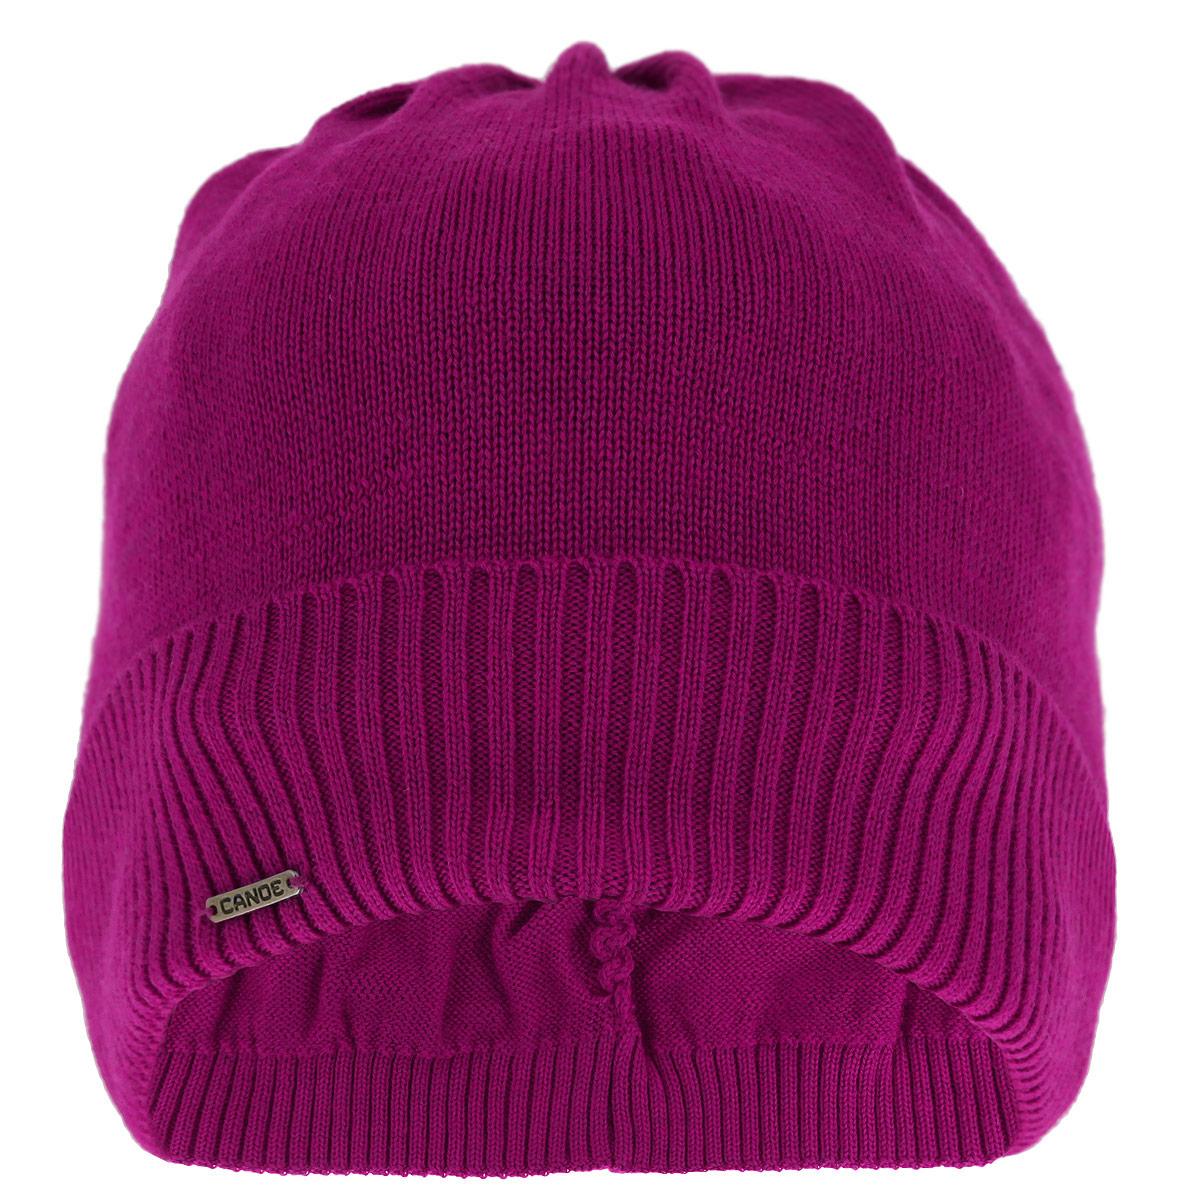 Шапка женская Deb. 3446203446201Женская вязаная шапка Canoe Deb - полушерстяная удлиненная шапочка с отворотом, которая отлично дополнит ваш образ в холодную погоду. Сочетание различных материалов максимально сохраняет тепло и обеспечивает удобную посадку. Сзади модель присборена на эластичную резинку, что придает изделию оригинальность. Шапочка оформлена небольшим декоративным элементом в виде металлической пластины с названием бренда. Такая шапка составит идеальный комплект с модной верхней одеждой, в ней вам будет уютно и тепло! Изделие проходит предварительную стирку и последующую обработку специальными составами и паром для улучшения износоустойчивости, комфорта и приятных тактильных ощущений. Структура шерсти после обработок по новейшим технологиям приобретает легкость, мягкость, морозоустойчивость, становится пушистой, не продуваемой. Изделие долго сохраняет заданную форму.